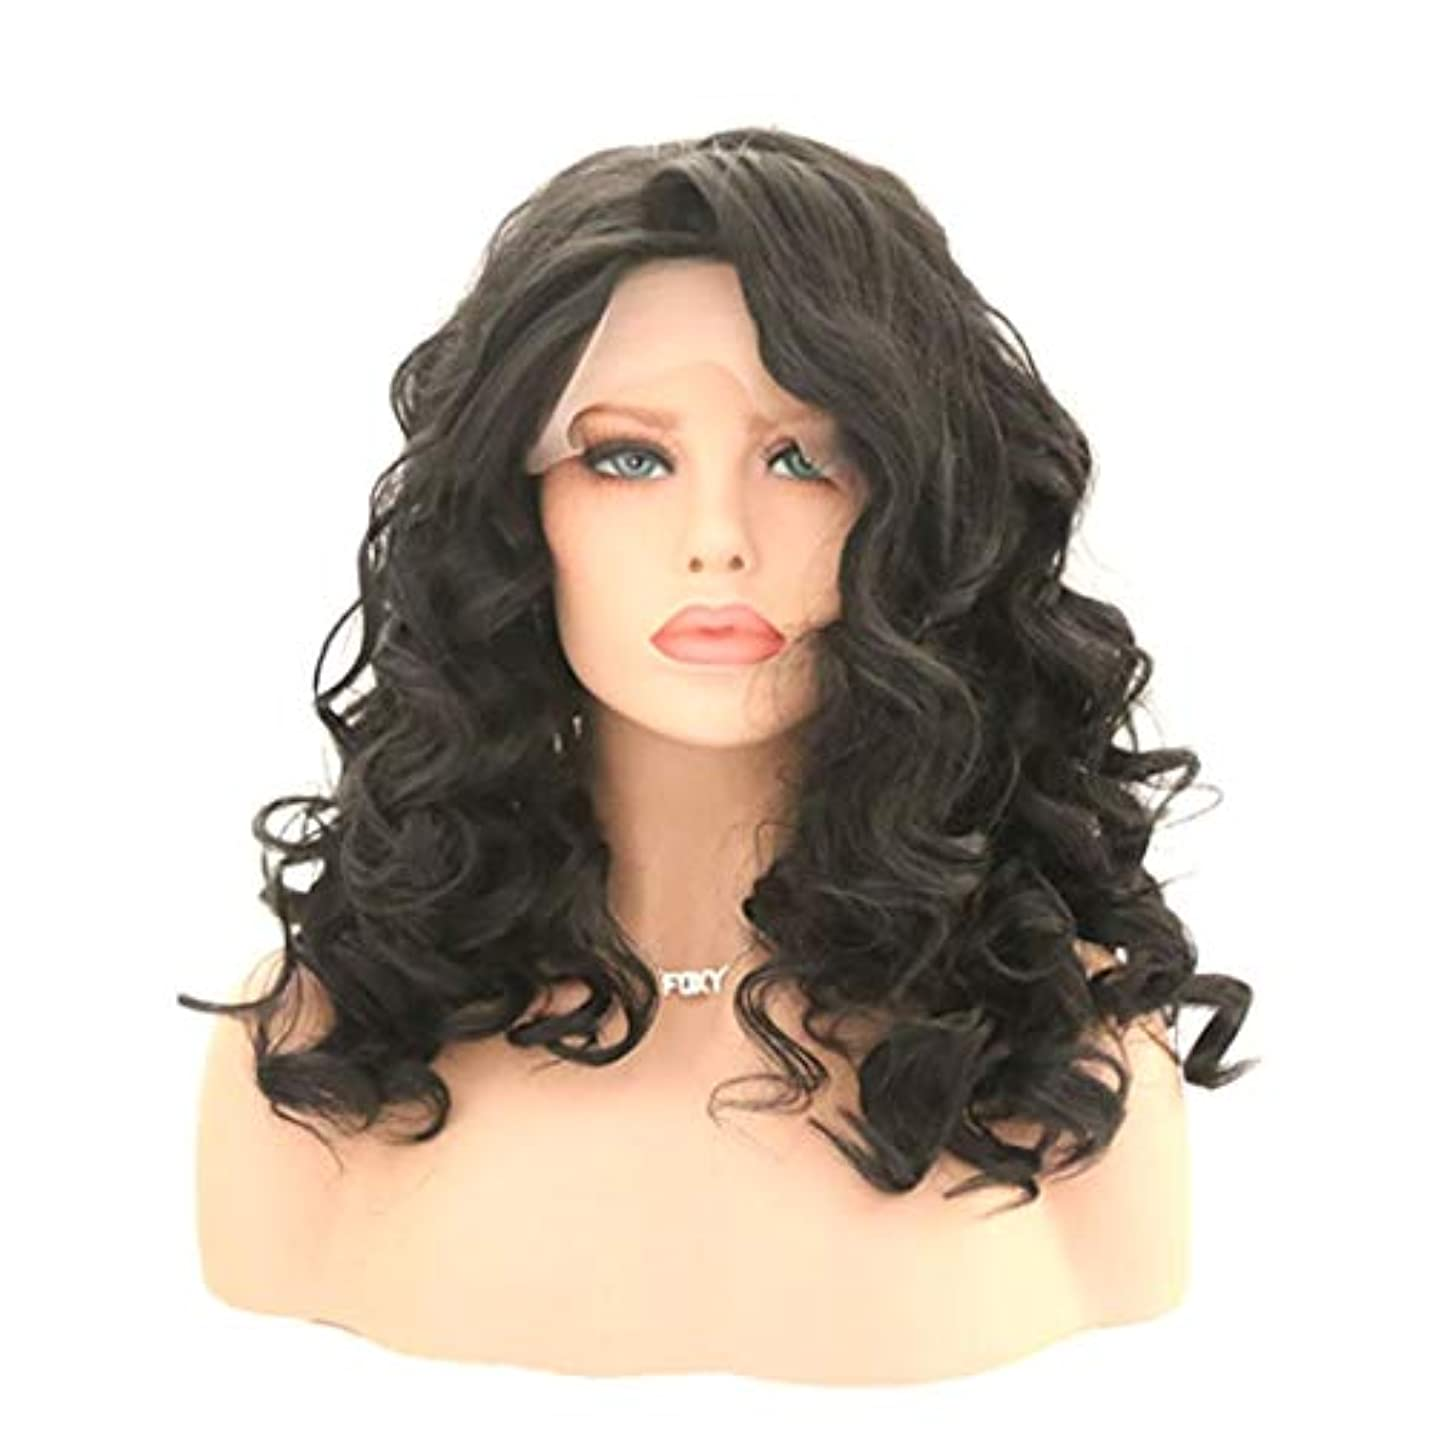 入るなめらか短命Kerwinner 女性のためのカーリー波状かつら前髪付きかつら人工毛髪かつら自然なかつら (Size : 22 inches)